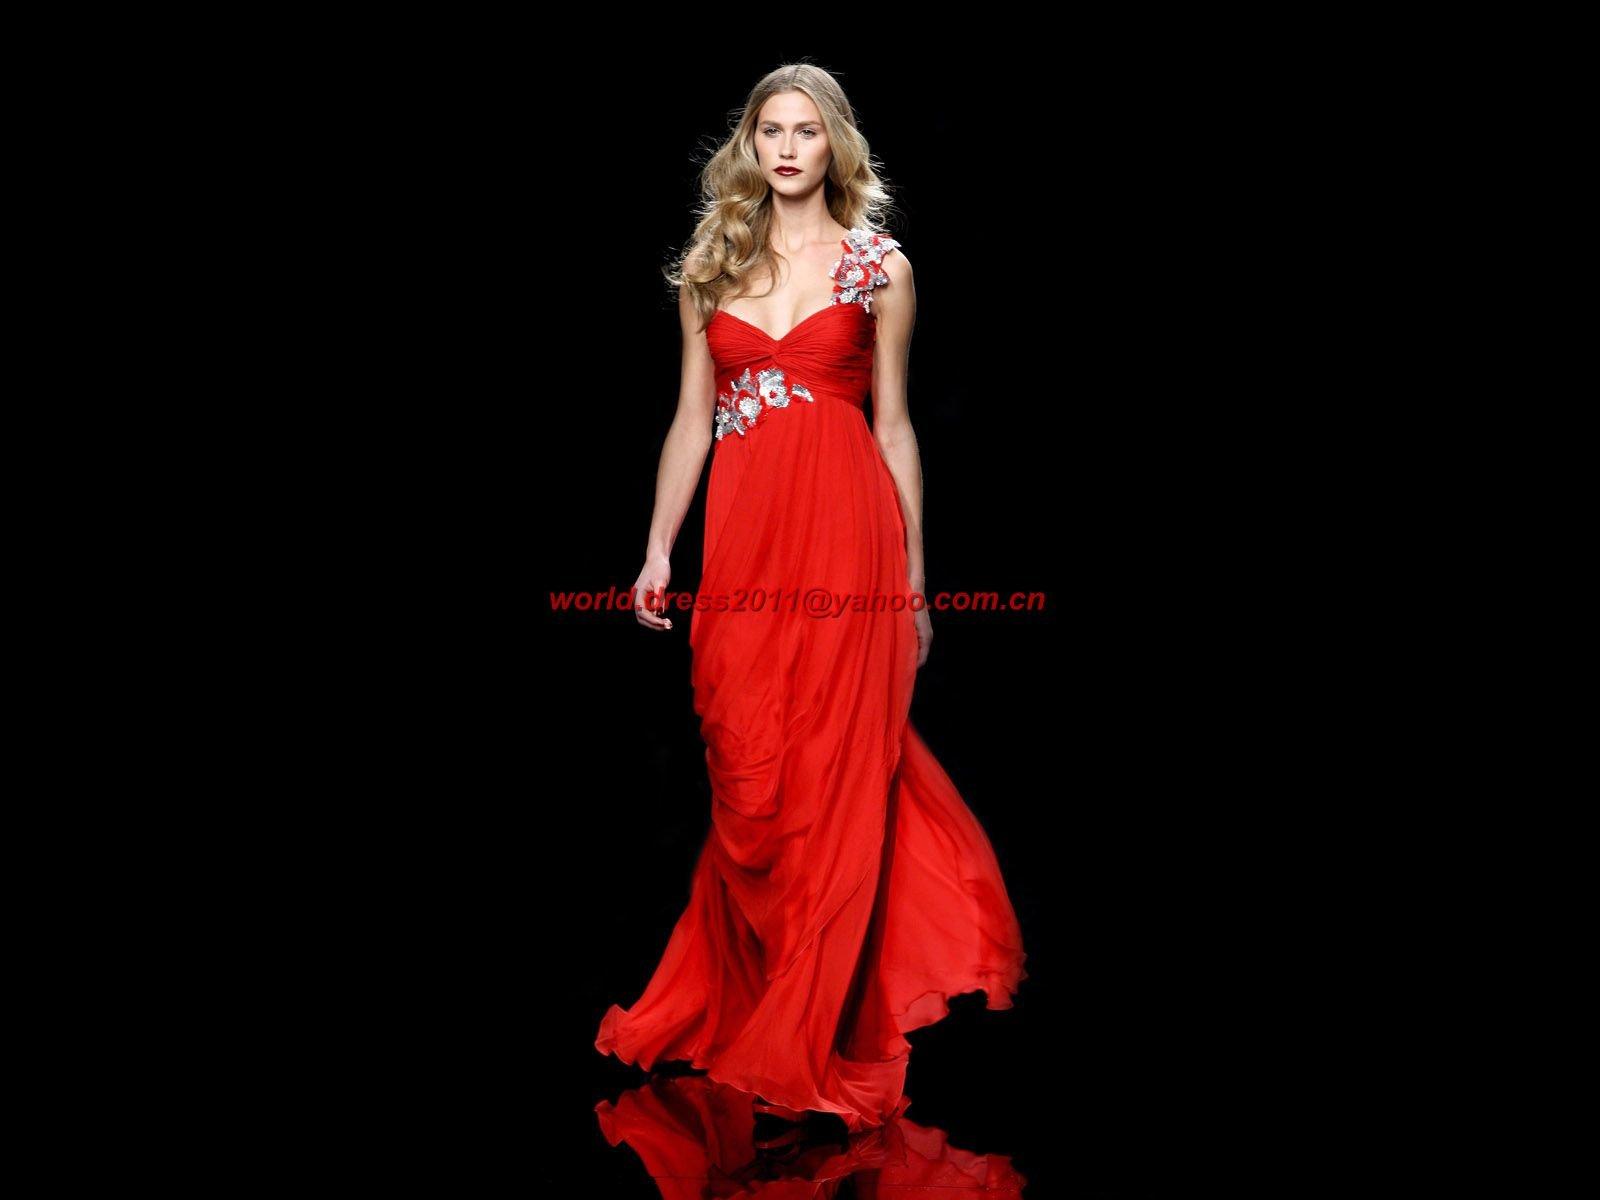 Модели платьев на девушках